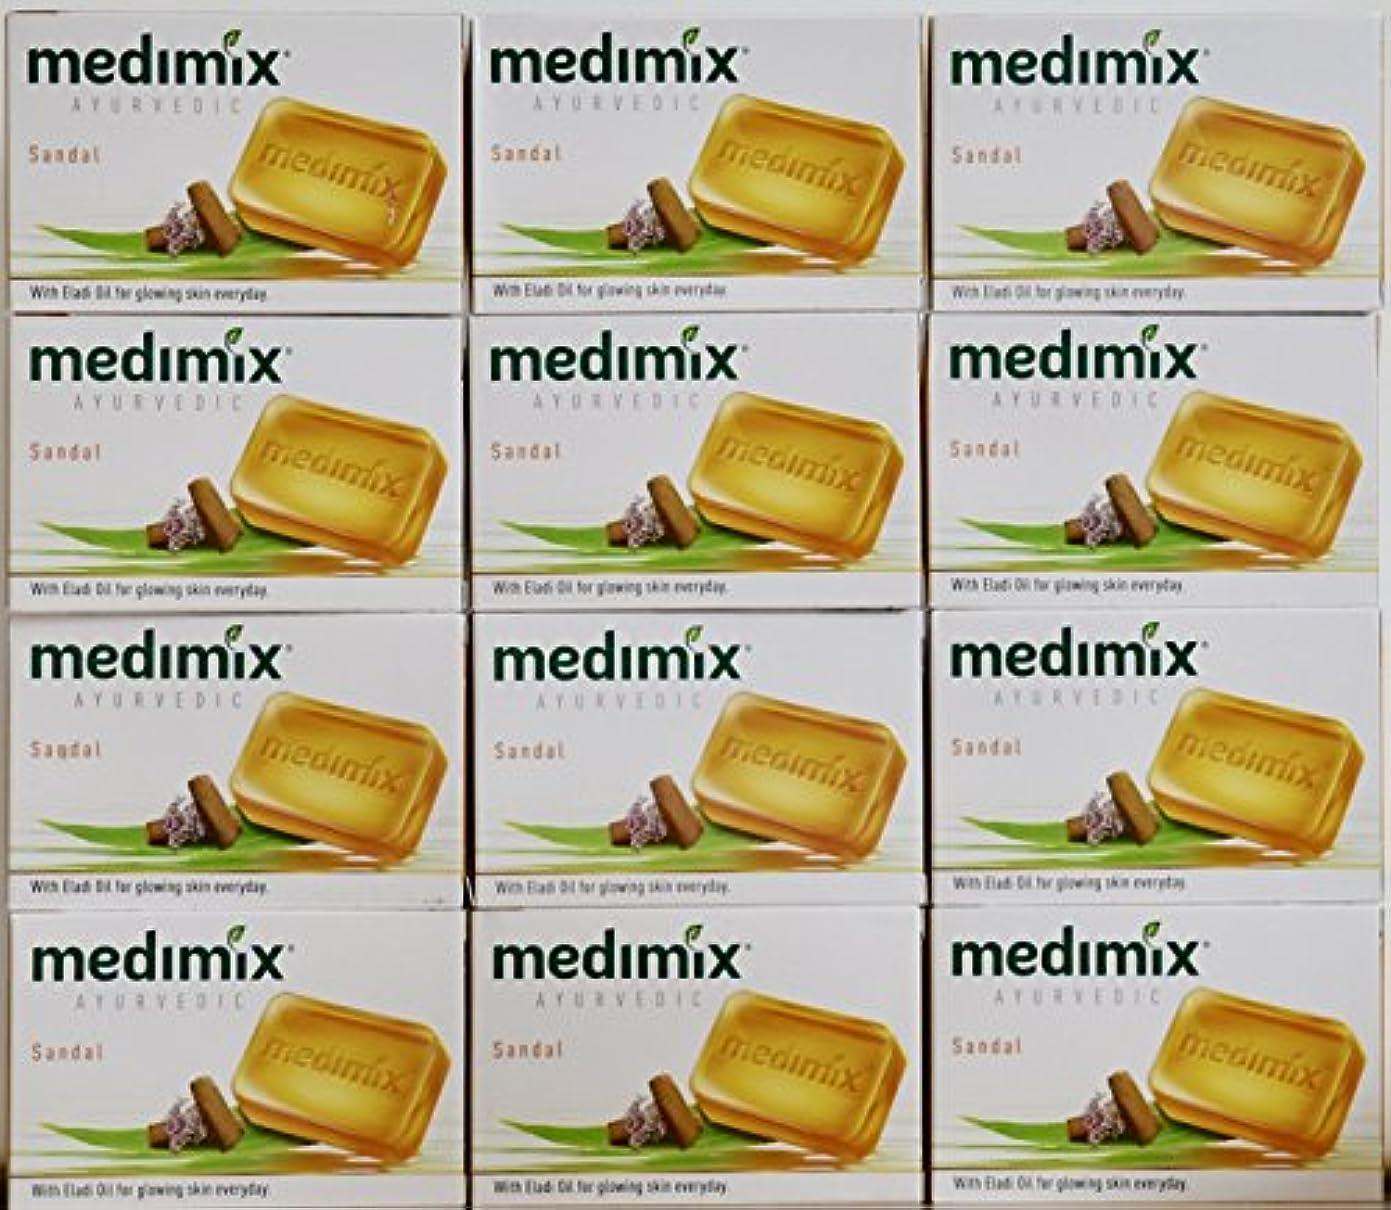 操るランドマークかかわらずmedimix メディミックス アーユルヴェディックサンダル 石鹸(旧商品名クラシックオレンジ))125g 12個入り